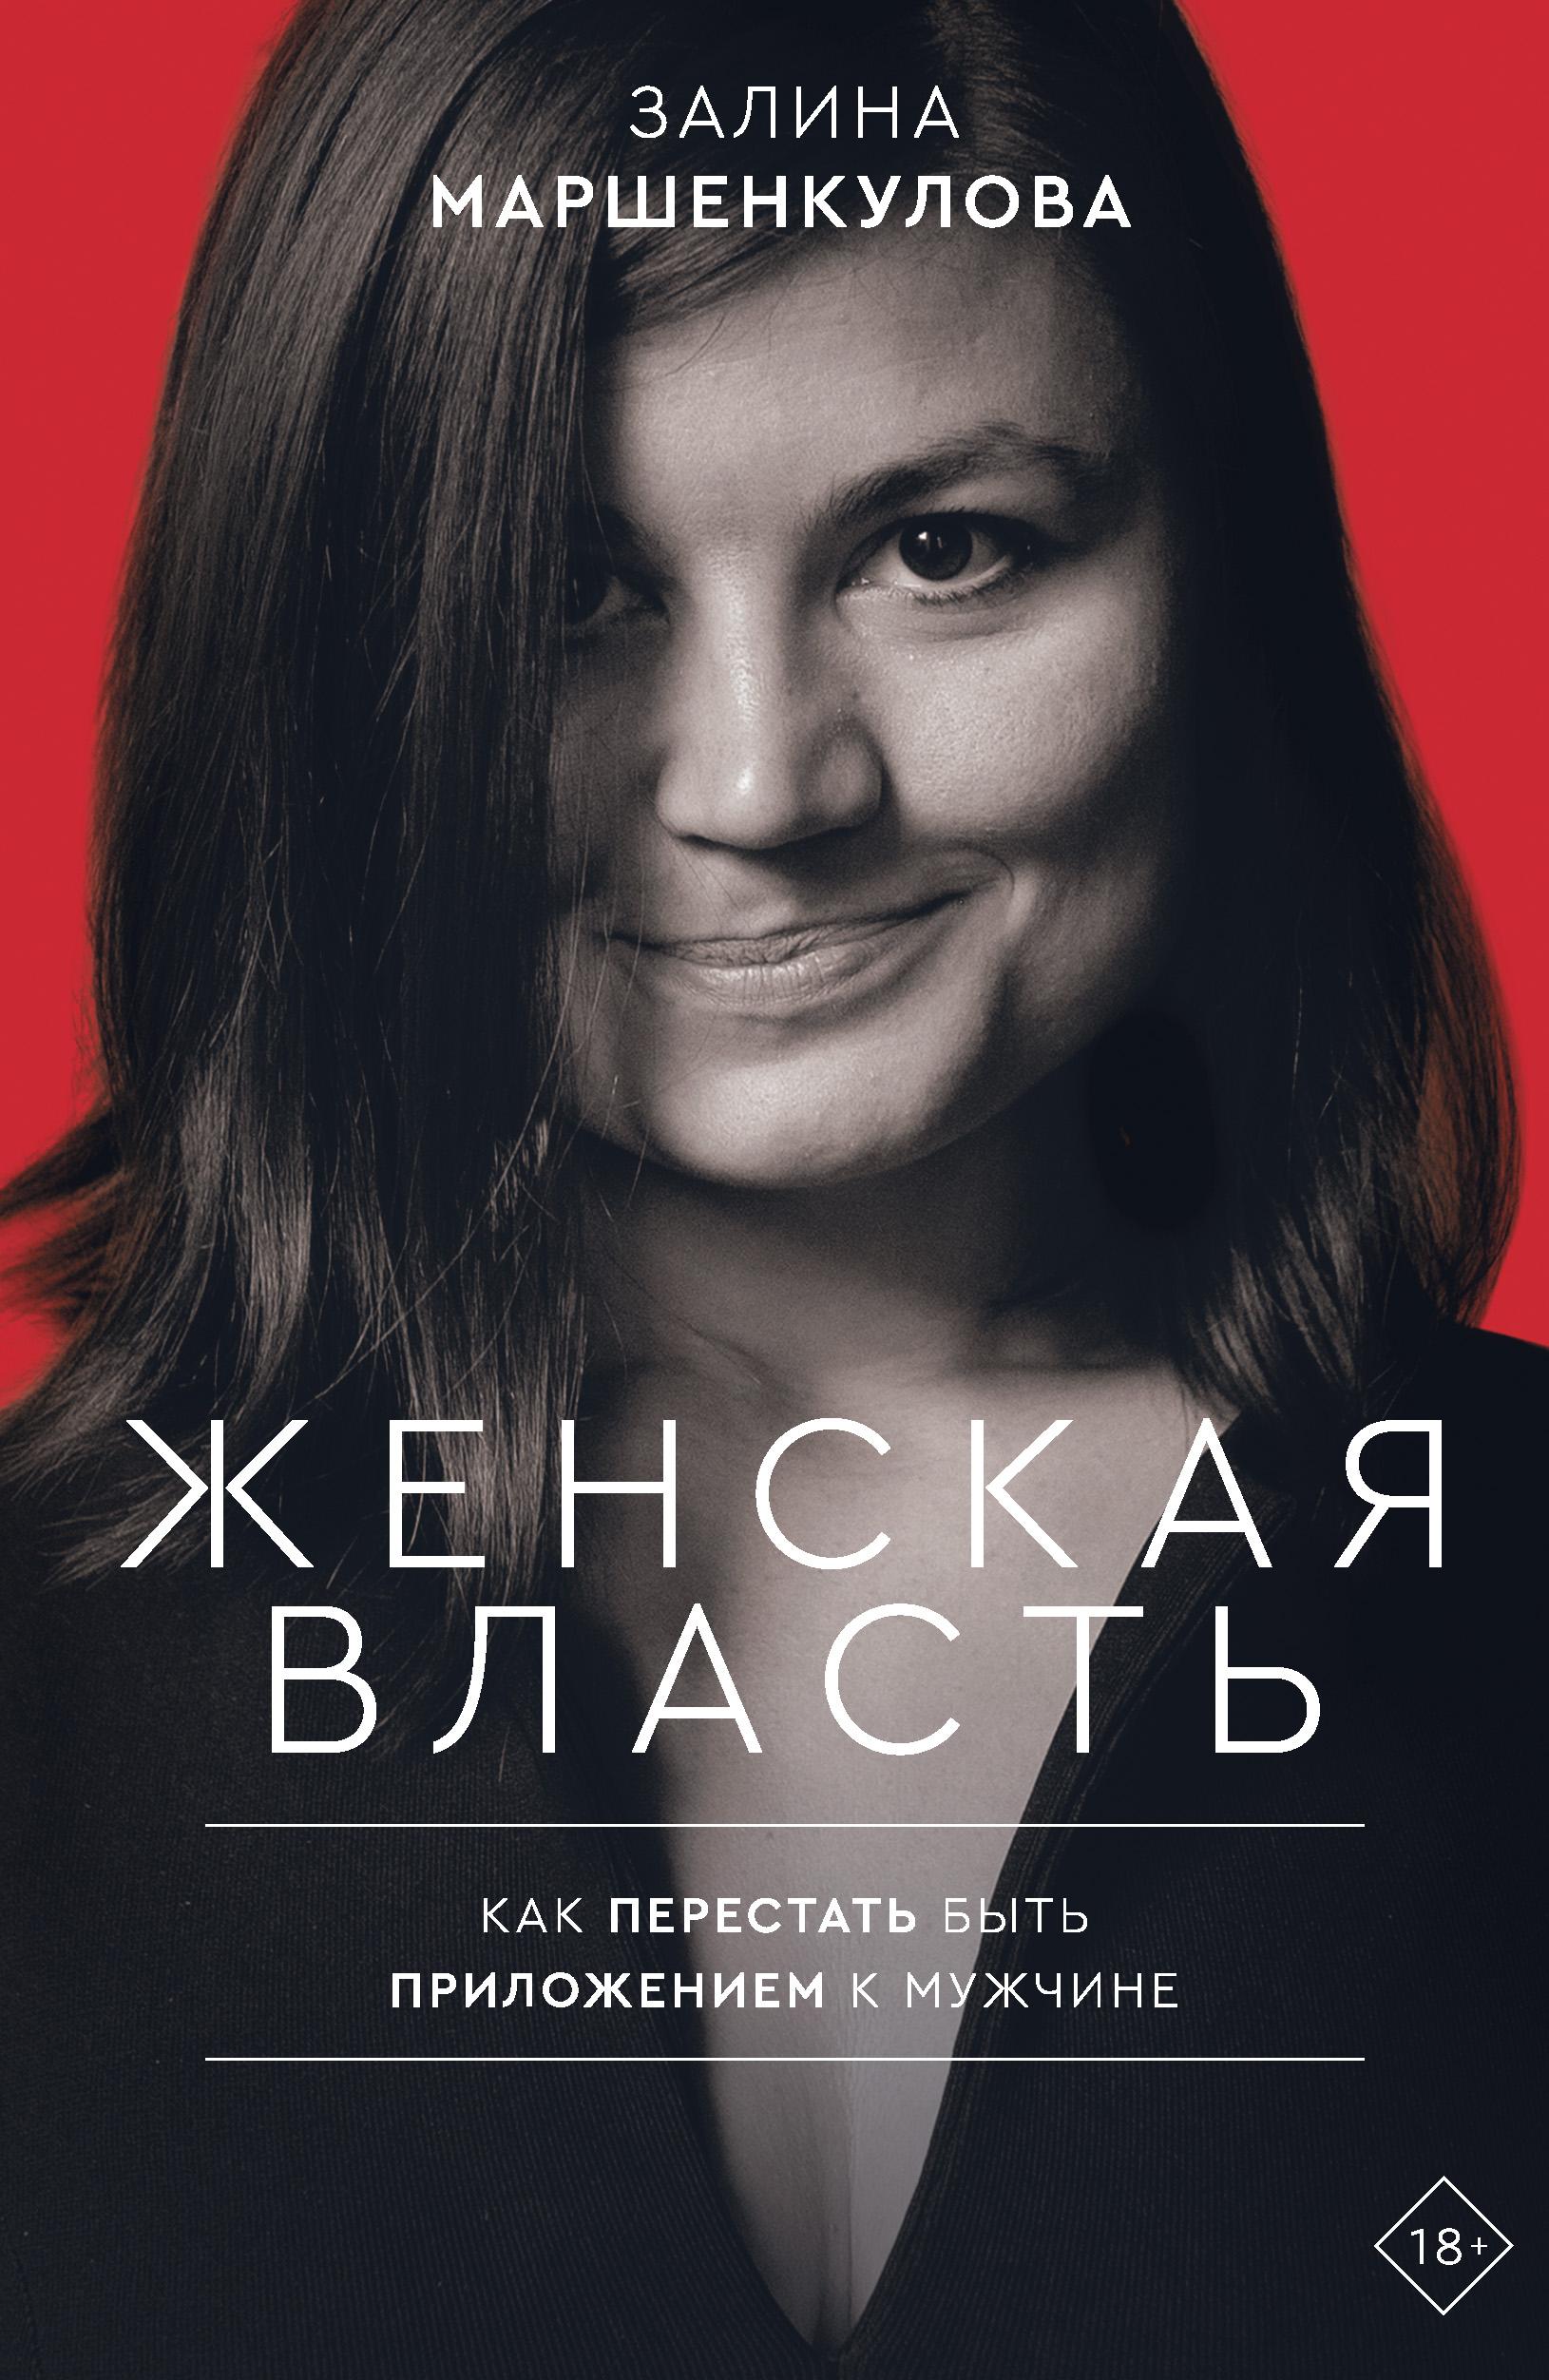 Залина Маршенкулова Женская власть